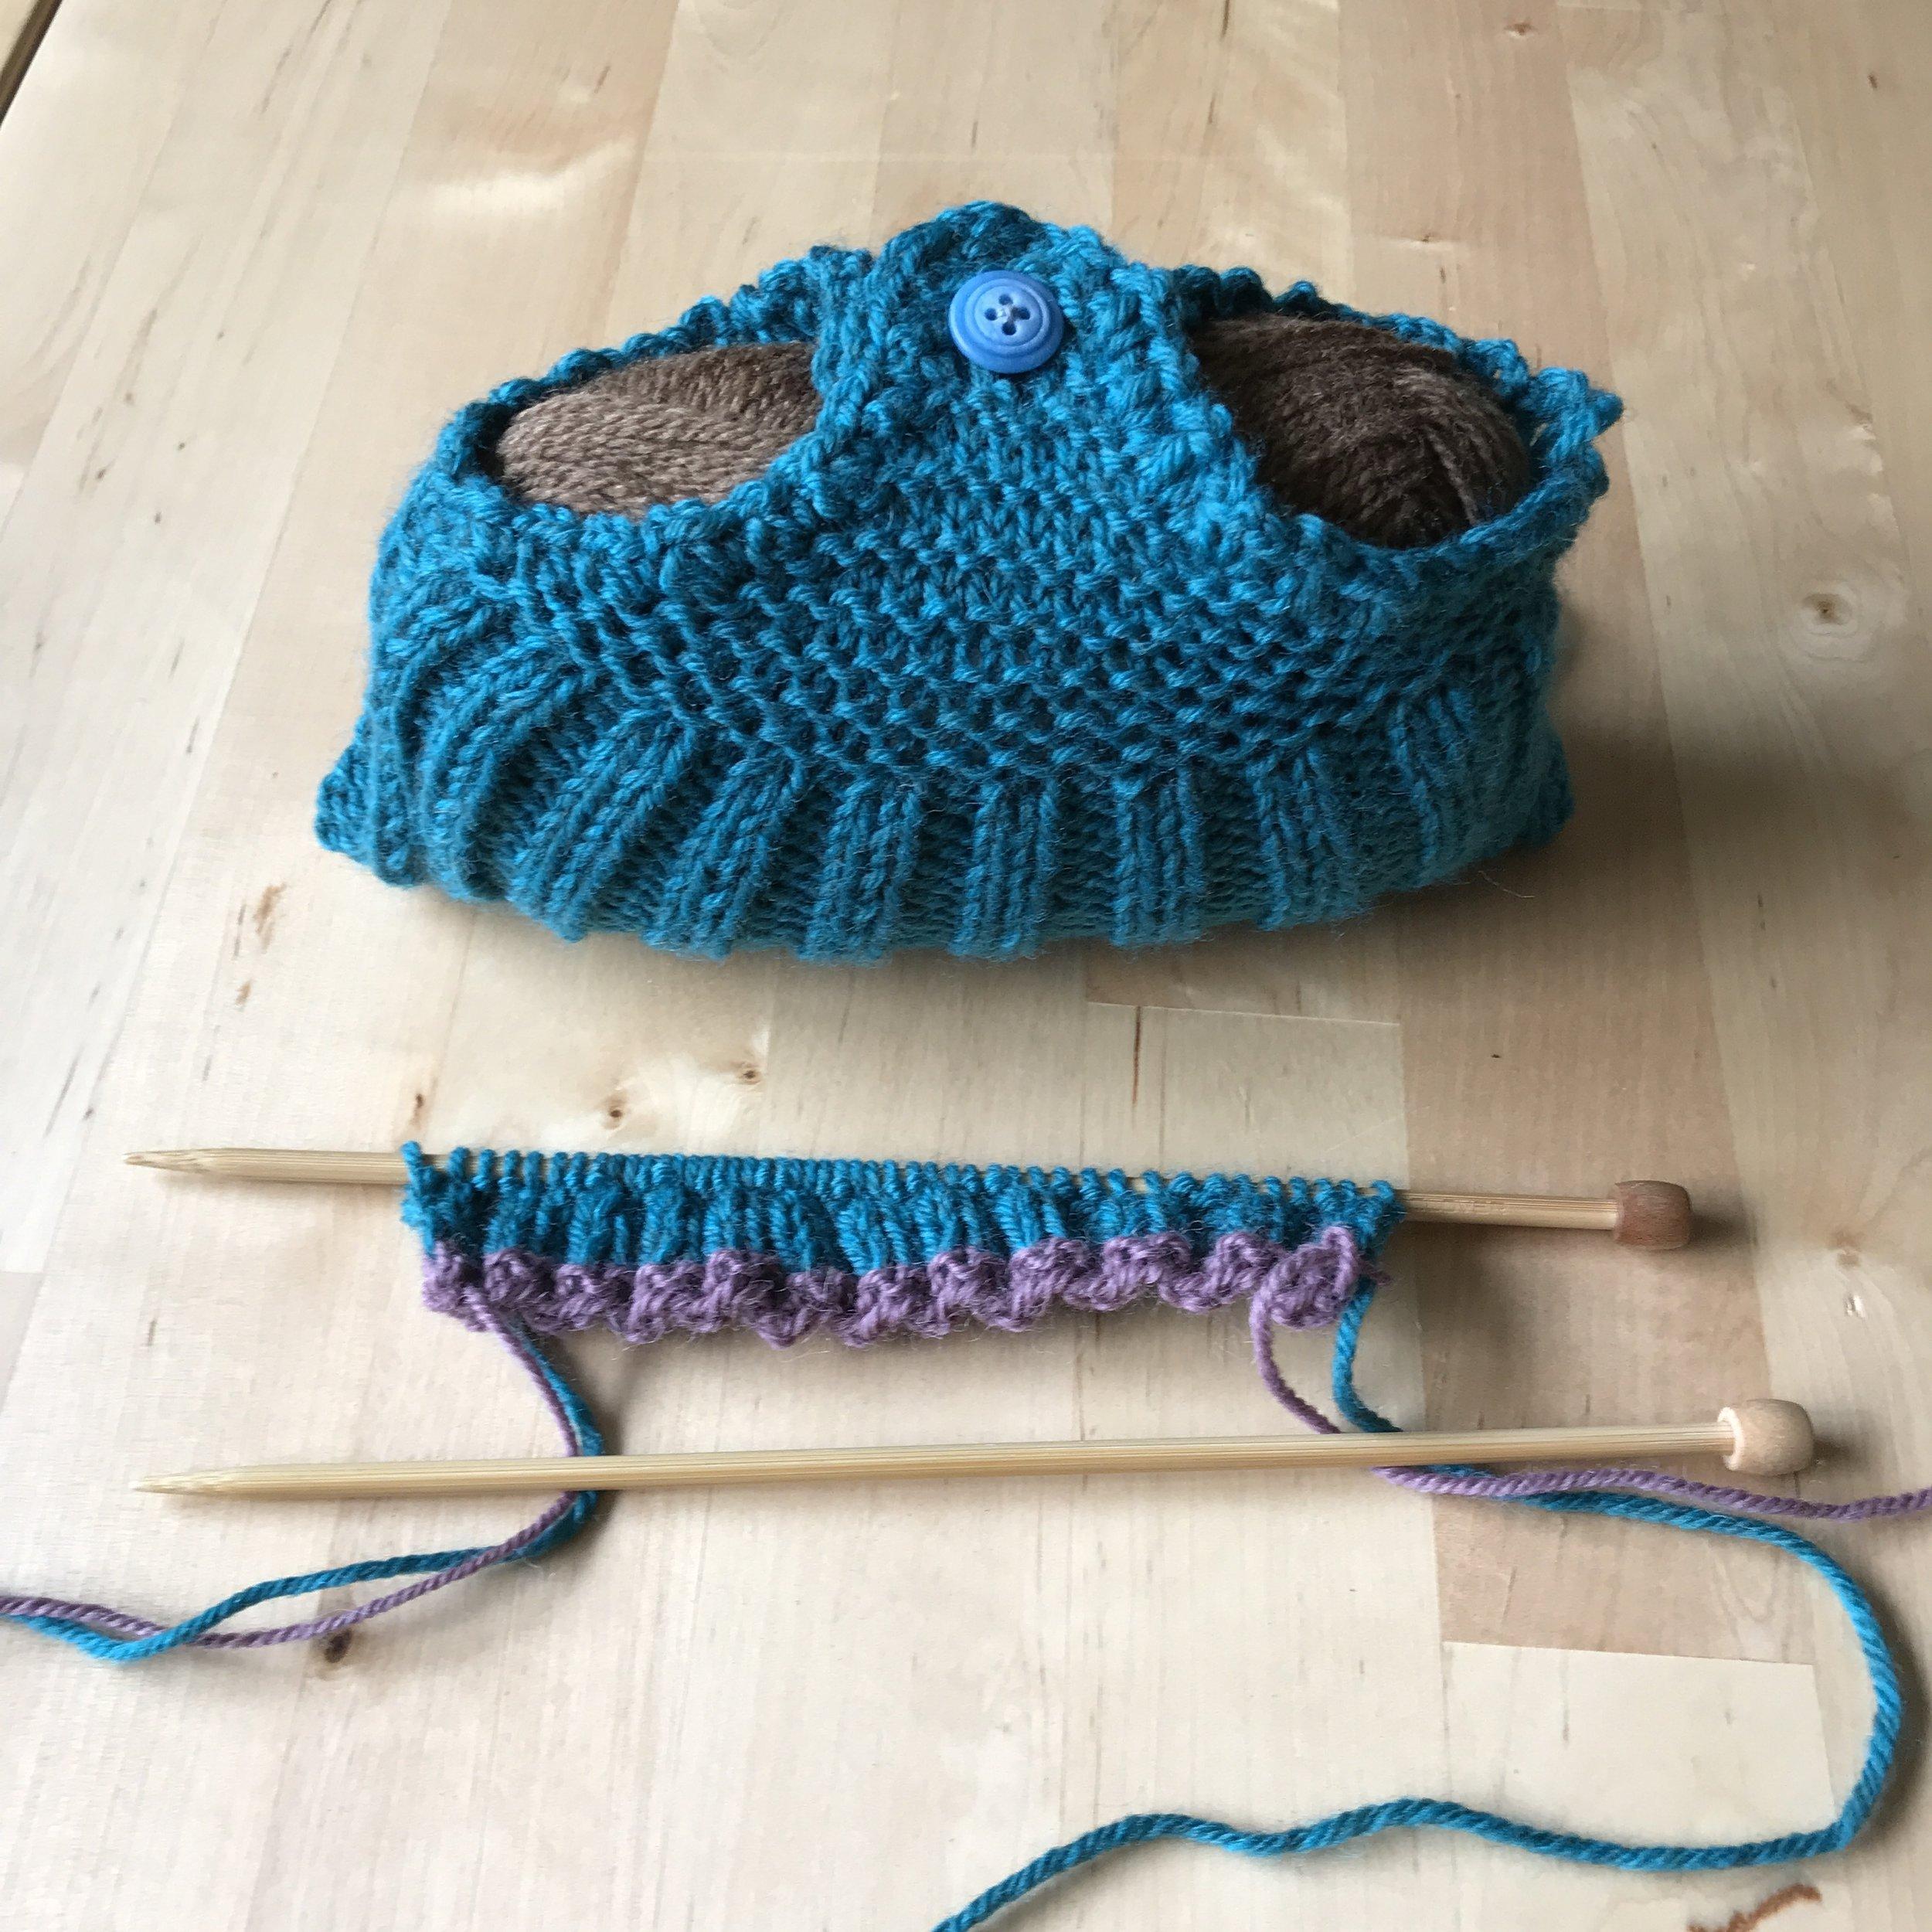 Harry's recreation of Granny's slipper.